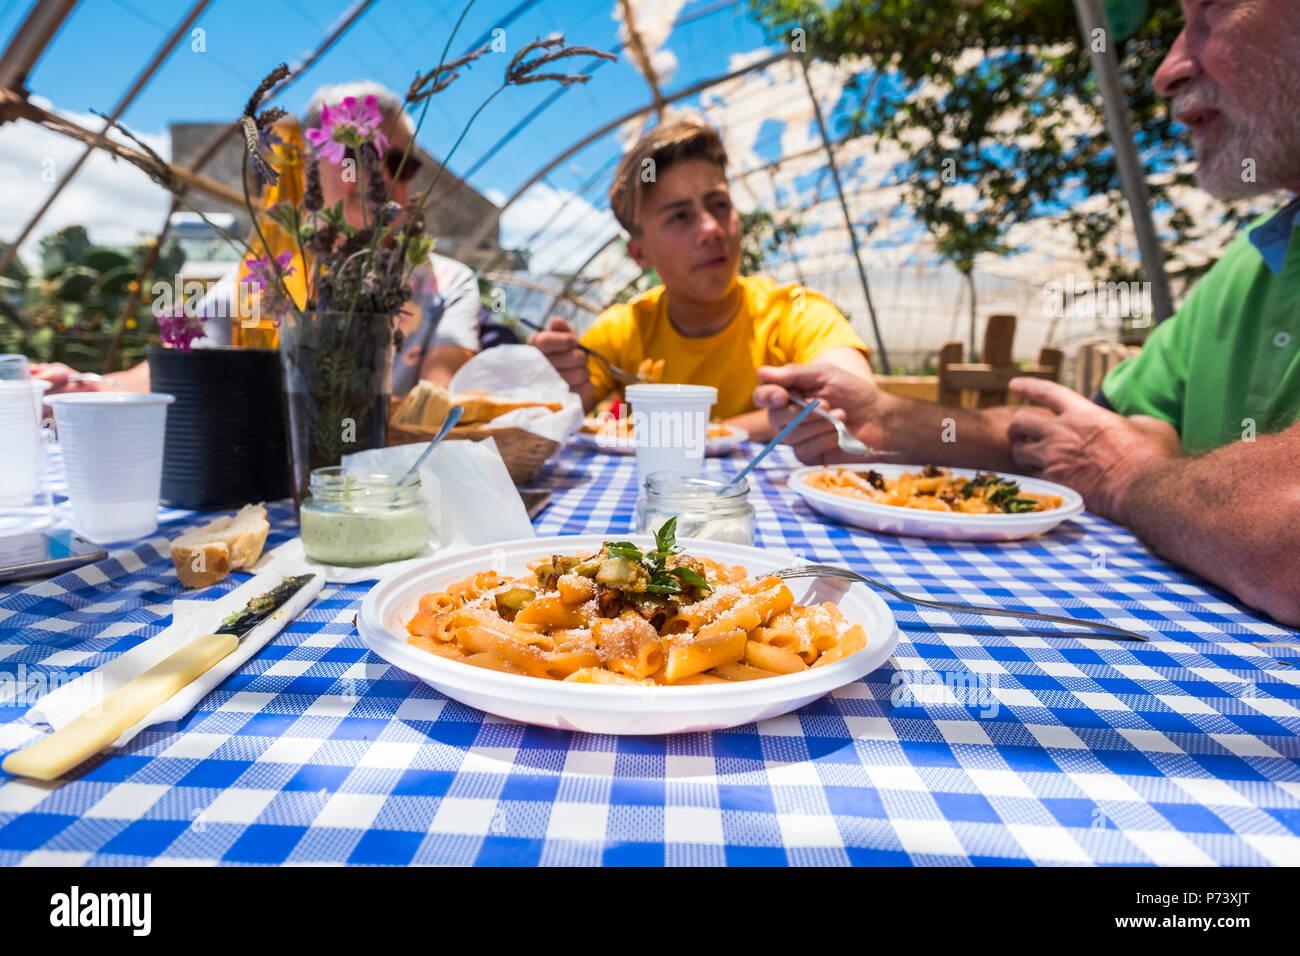 Close up of Pasta alla Norma cuisine typique italienne. famille caucasian aux personnes bénéficiant d'un autre restaurant dans la nature plein air. tous les bio et veget Photo Stock